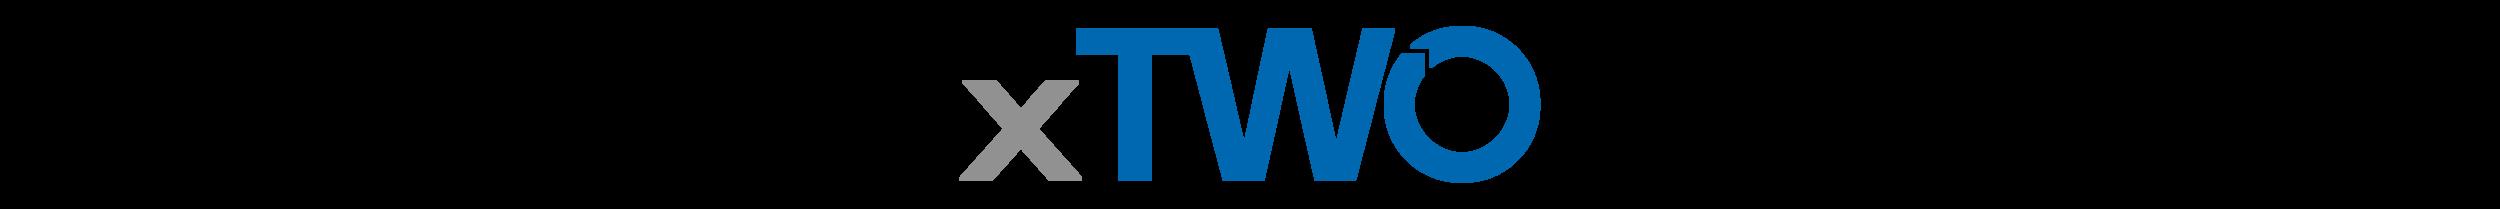 xTWO blå og grå_Tegnebræt 1.png